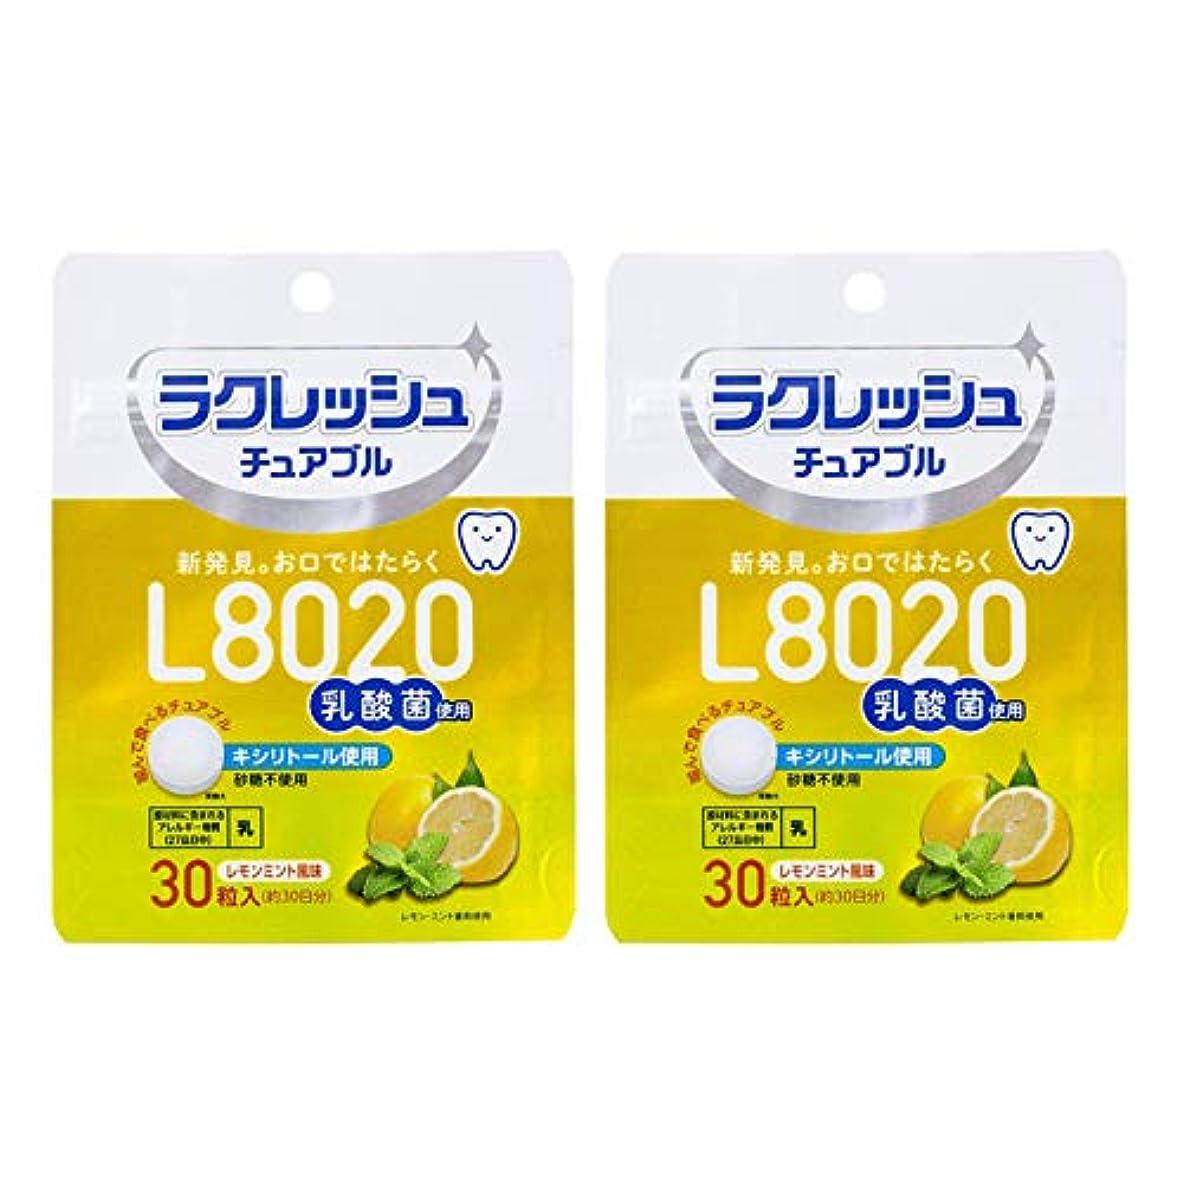 裸ベイビー耐えるラクレッシュ L8020 乳酸菌 チュアブル レモンミント風味 オーラルケア 30粒入×2袋